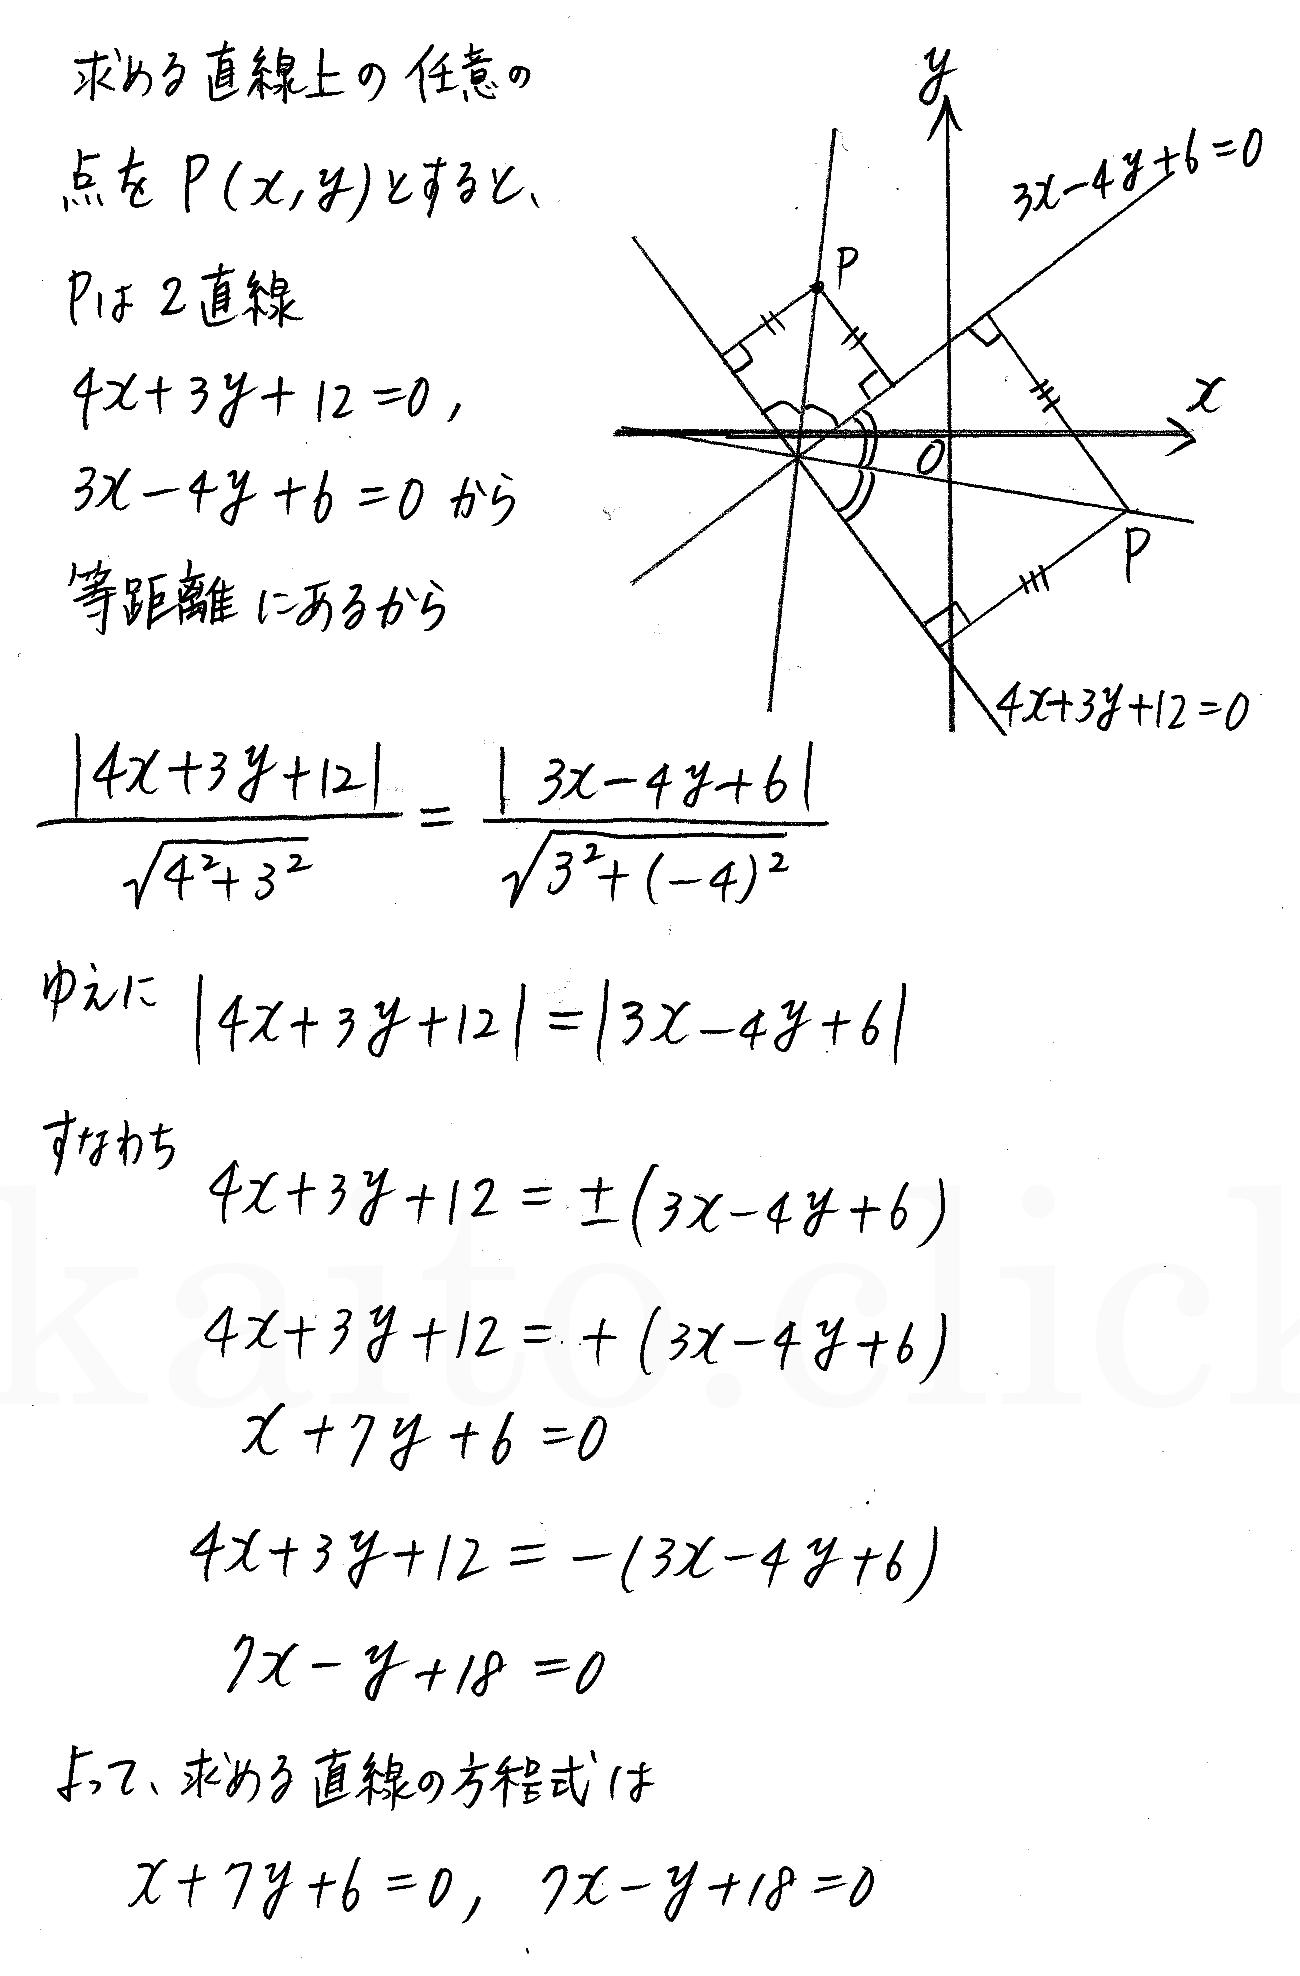 クリアー数学2-233解答